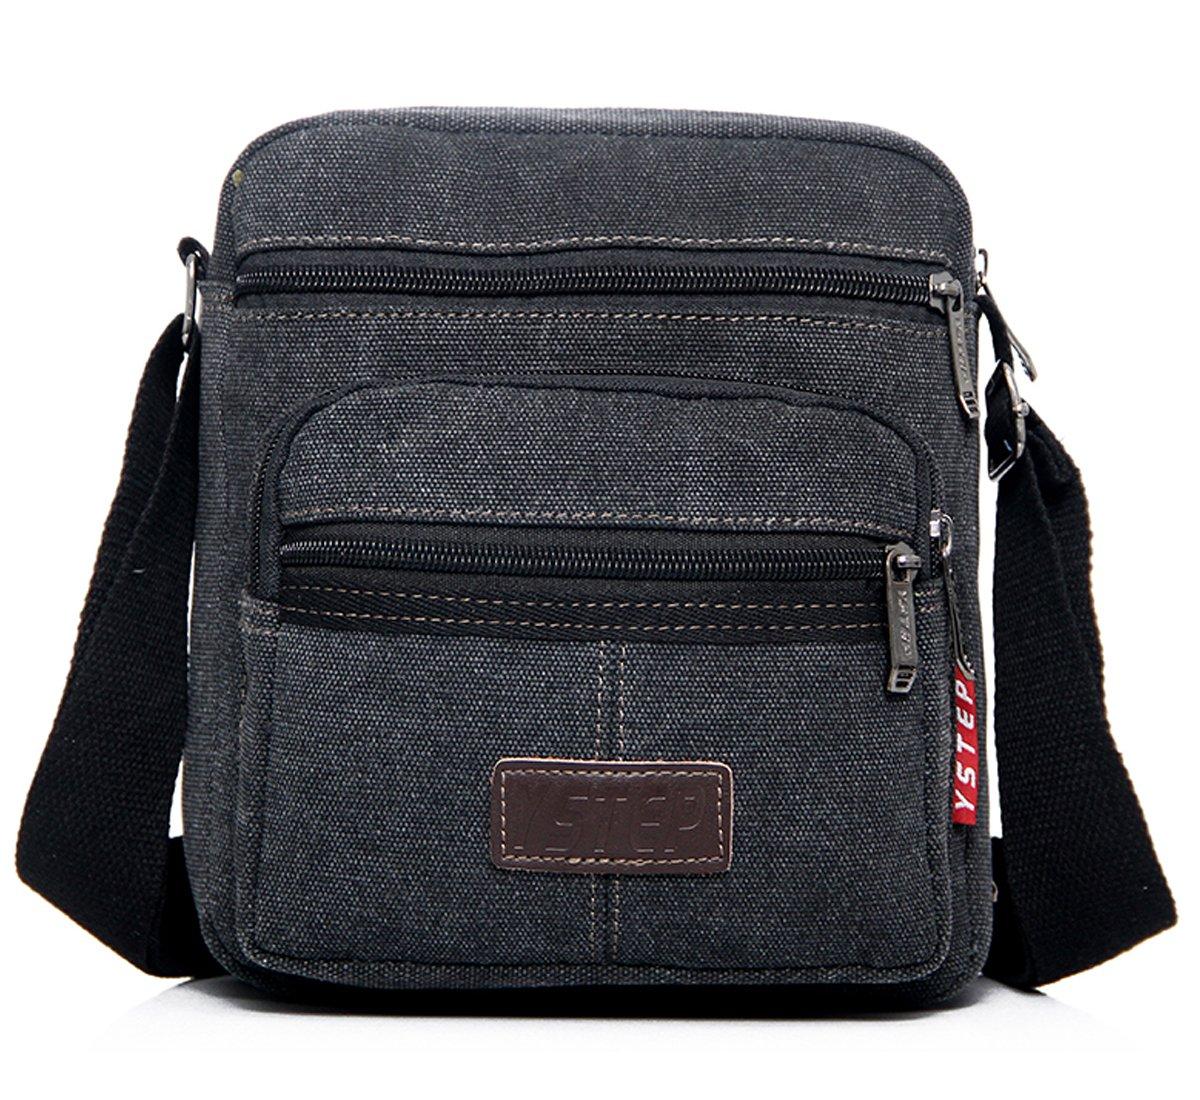 Degohome Vintage Canvas Crossbody Shoulder Bag Small Messenger Travel Bag For Men & Women (black)